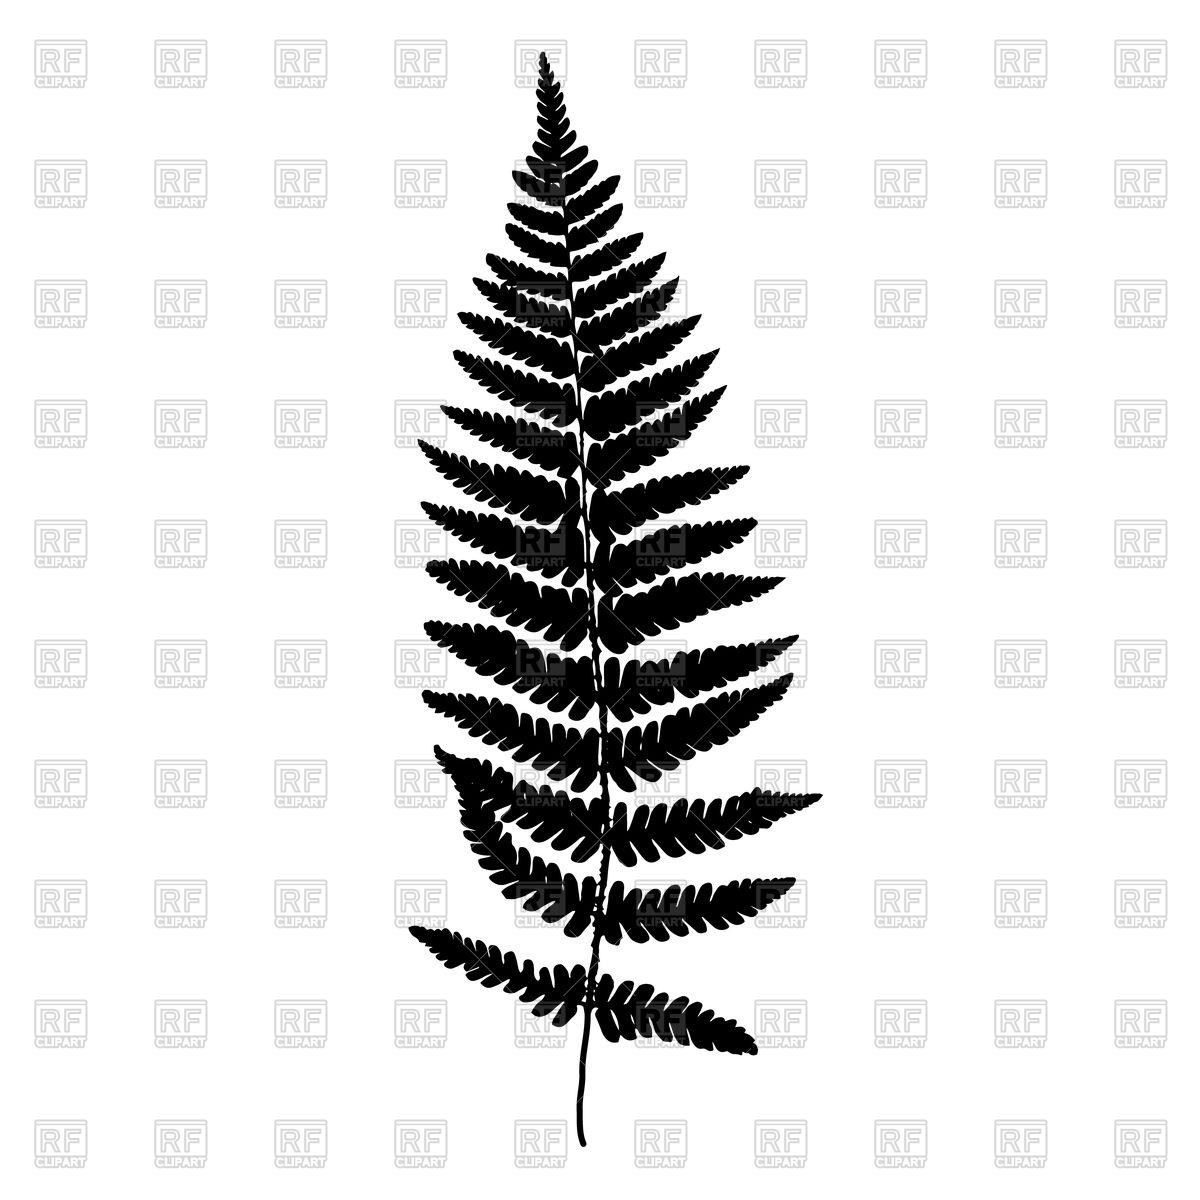 1200x1200 Fern Leaf Royalty Free Vector Clip Art Image